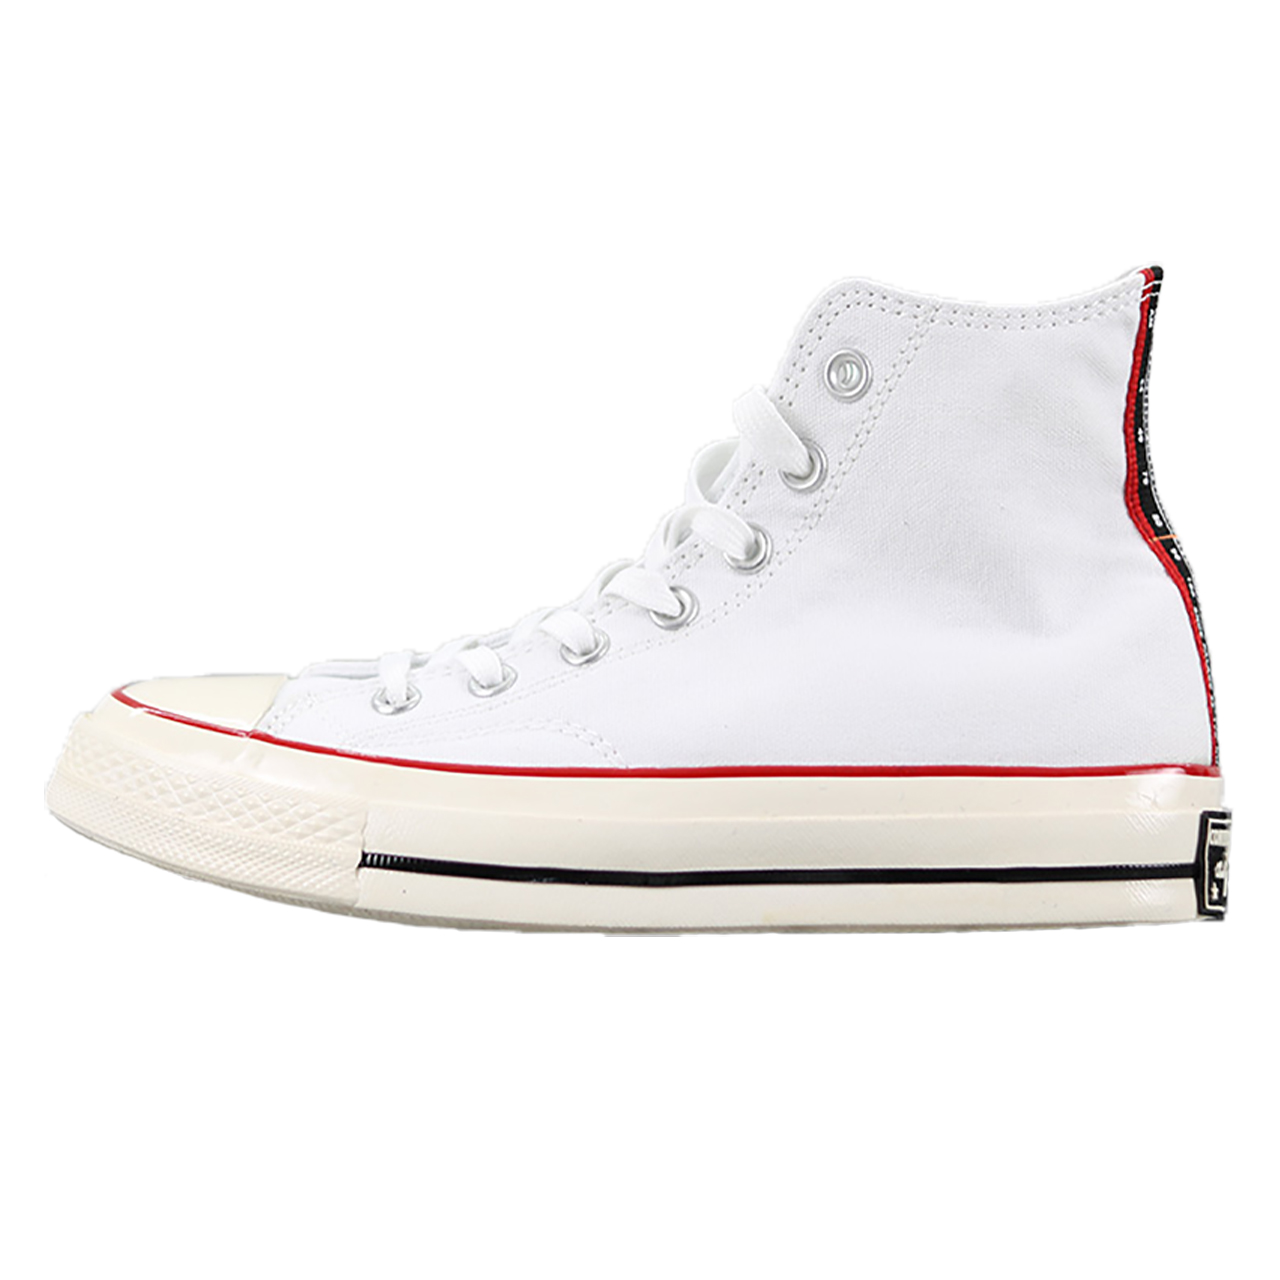 کفش راحتی مردانه کانورس مدل 164549c